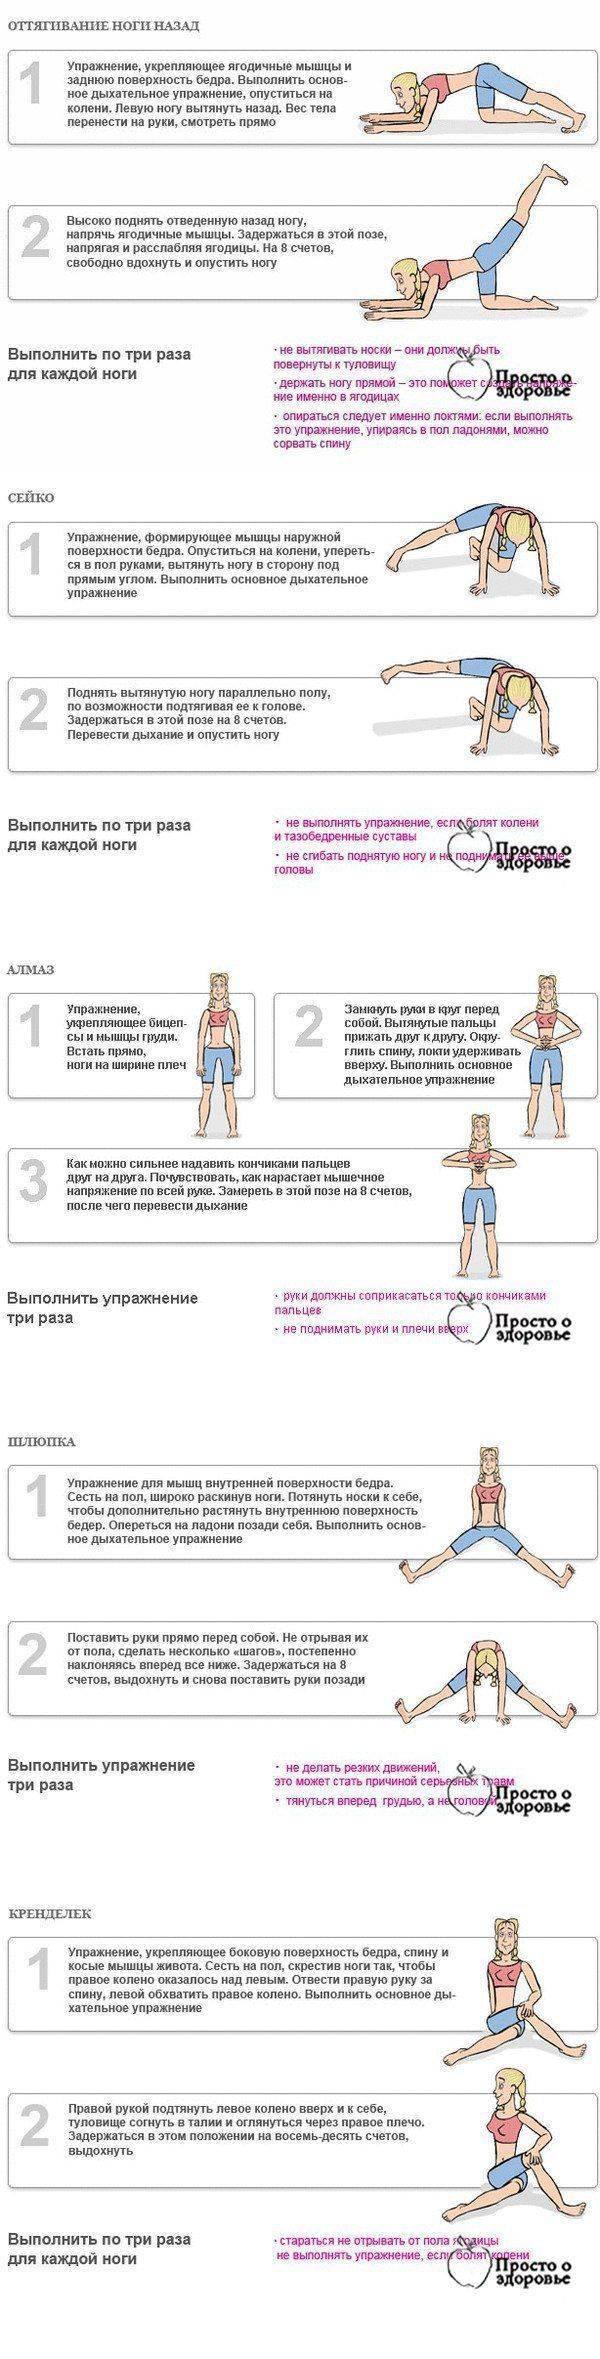 Дыхательная гимнастика для быстрого похудения: упражнения, отзывы - минус 12 кг легко - похудейкина